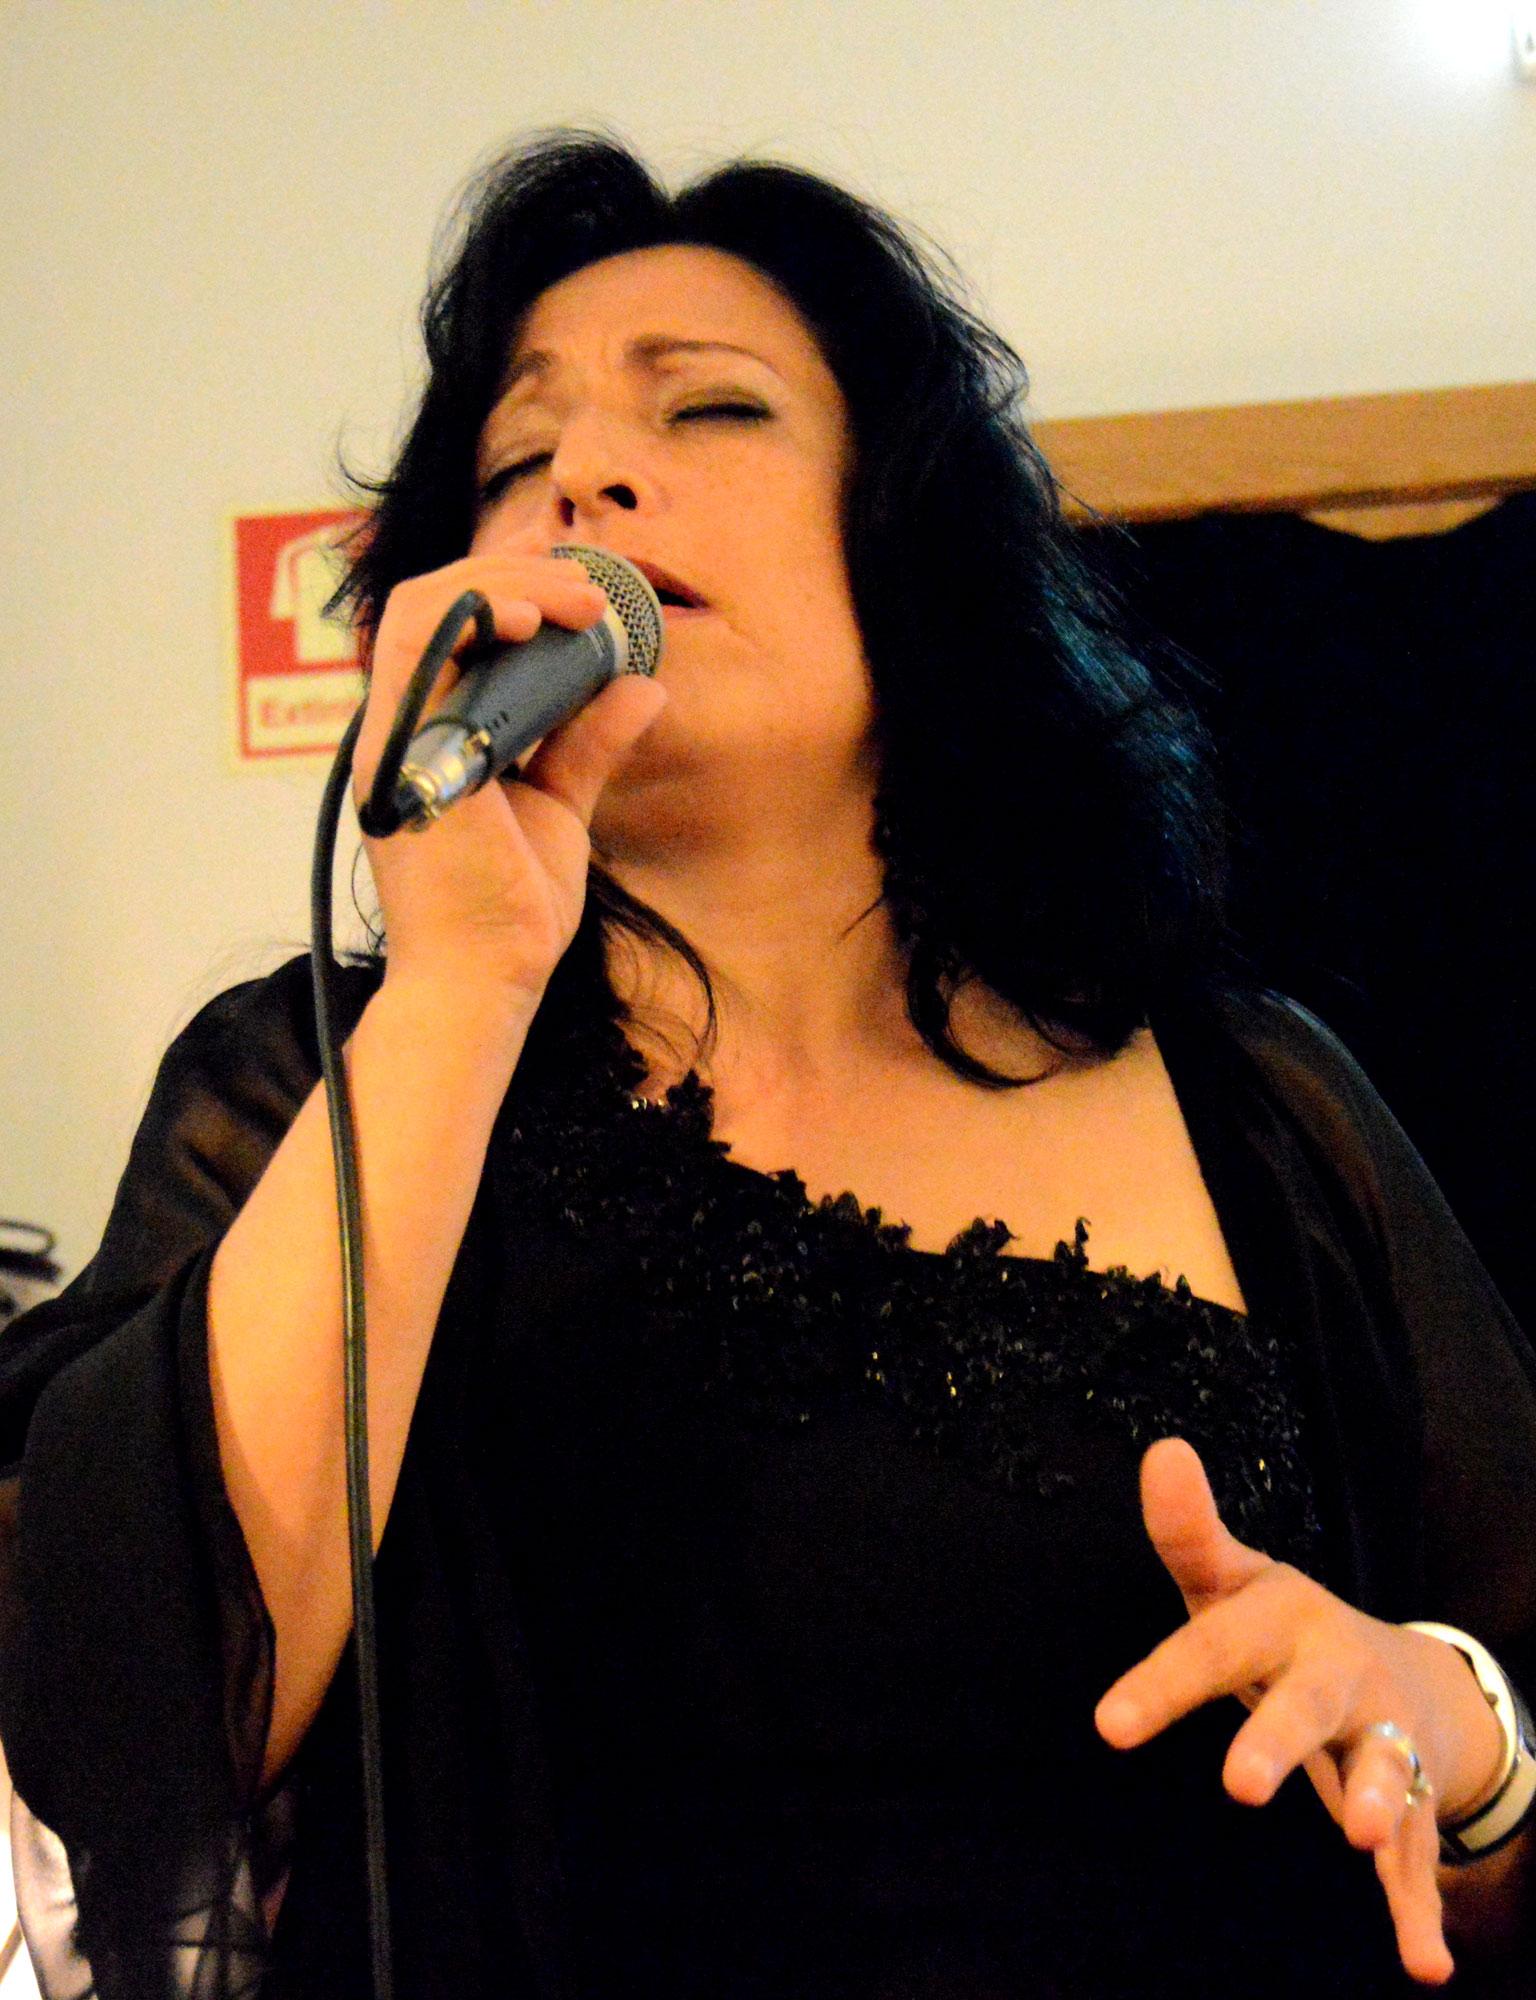 Alexandra Monteiro, Fadistas, contactos de Fadistas, Noites de fados, Fadista Alexandra Monteiro, contactos de artistas, contactos de cantores, Fados de Lisboa, Fadista, Portugal